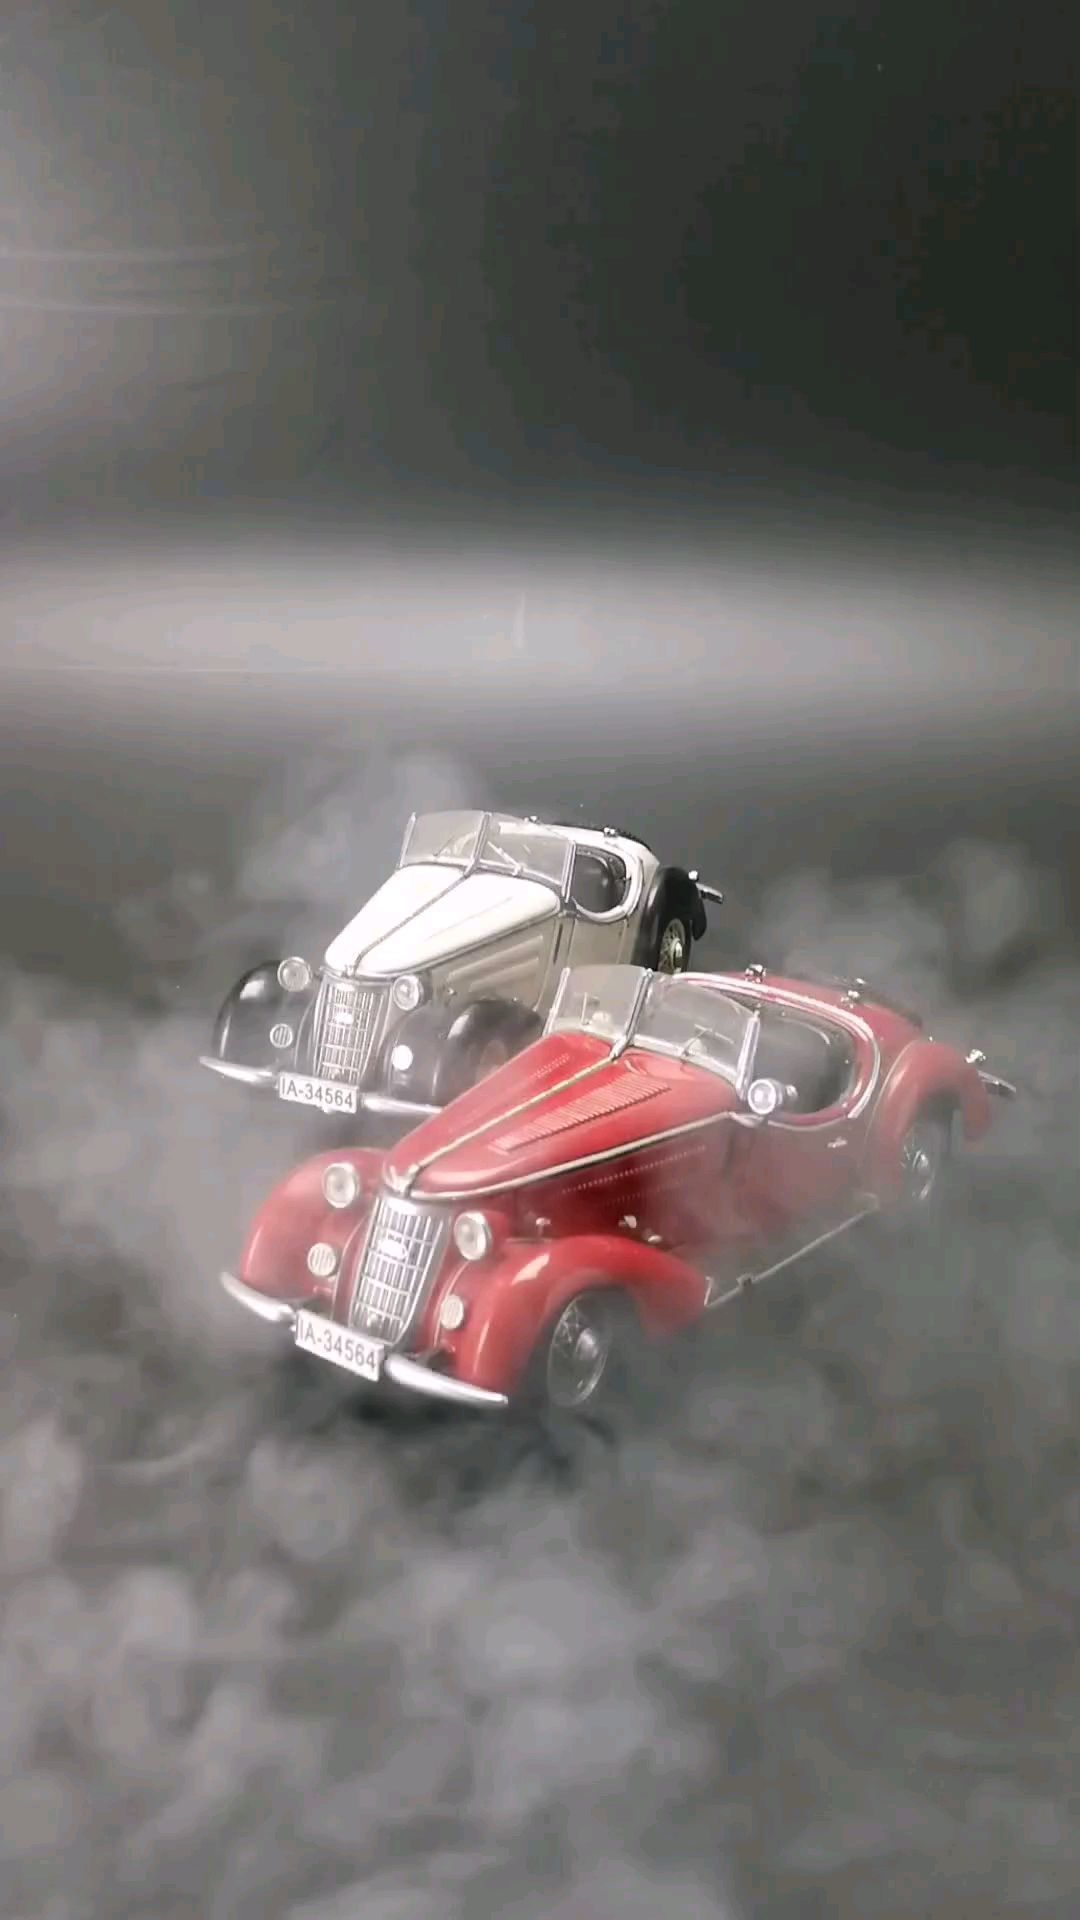 1930汽车联盟漫游者小跑车,1:24比例,东晓汽车模型收藏馆藏品。